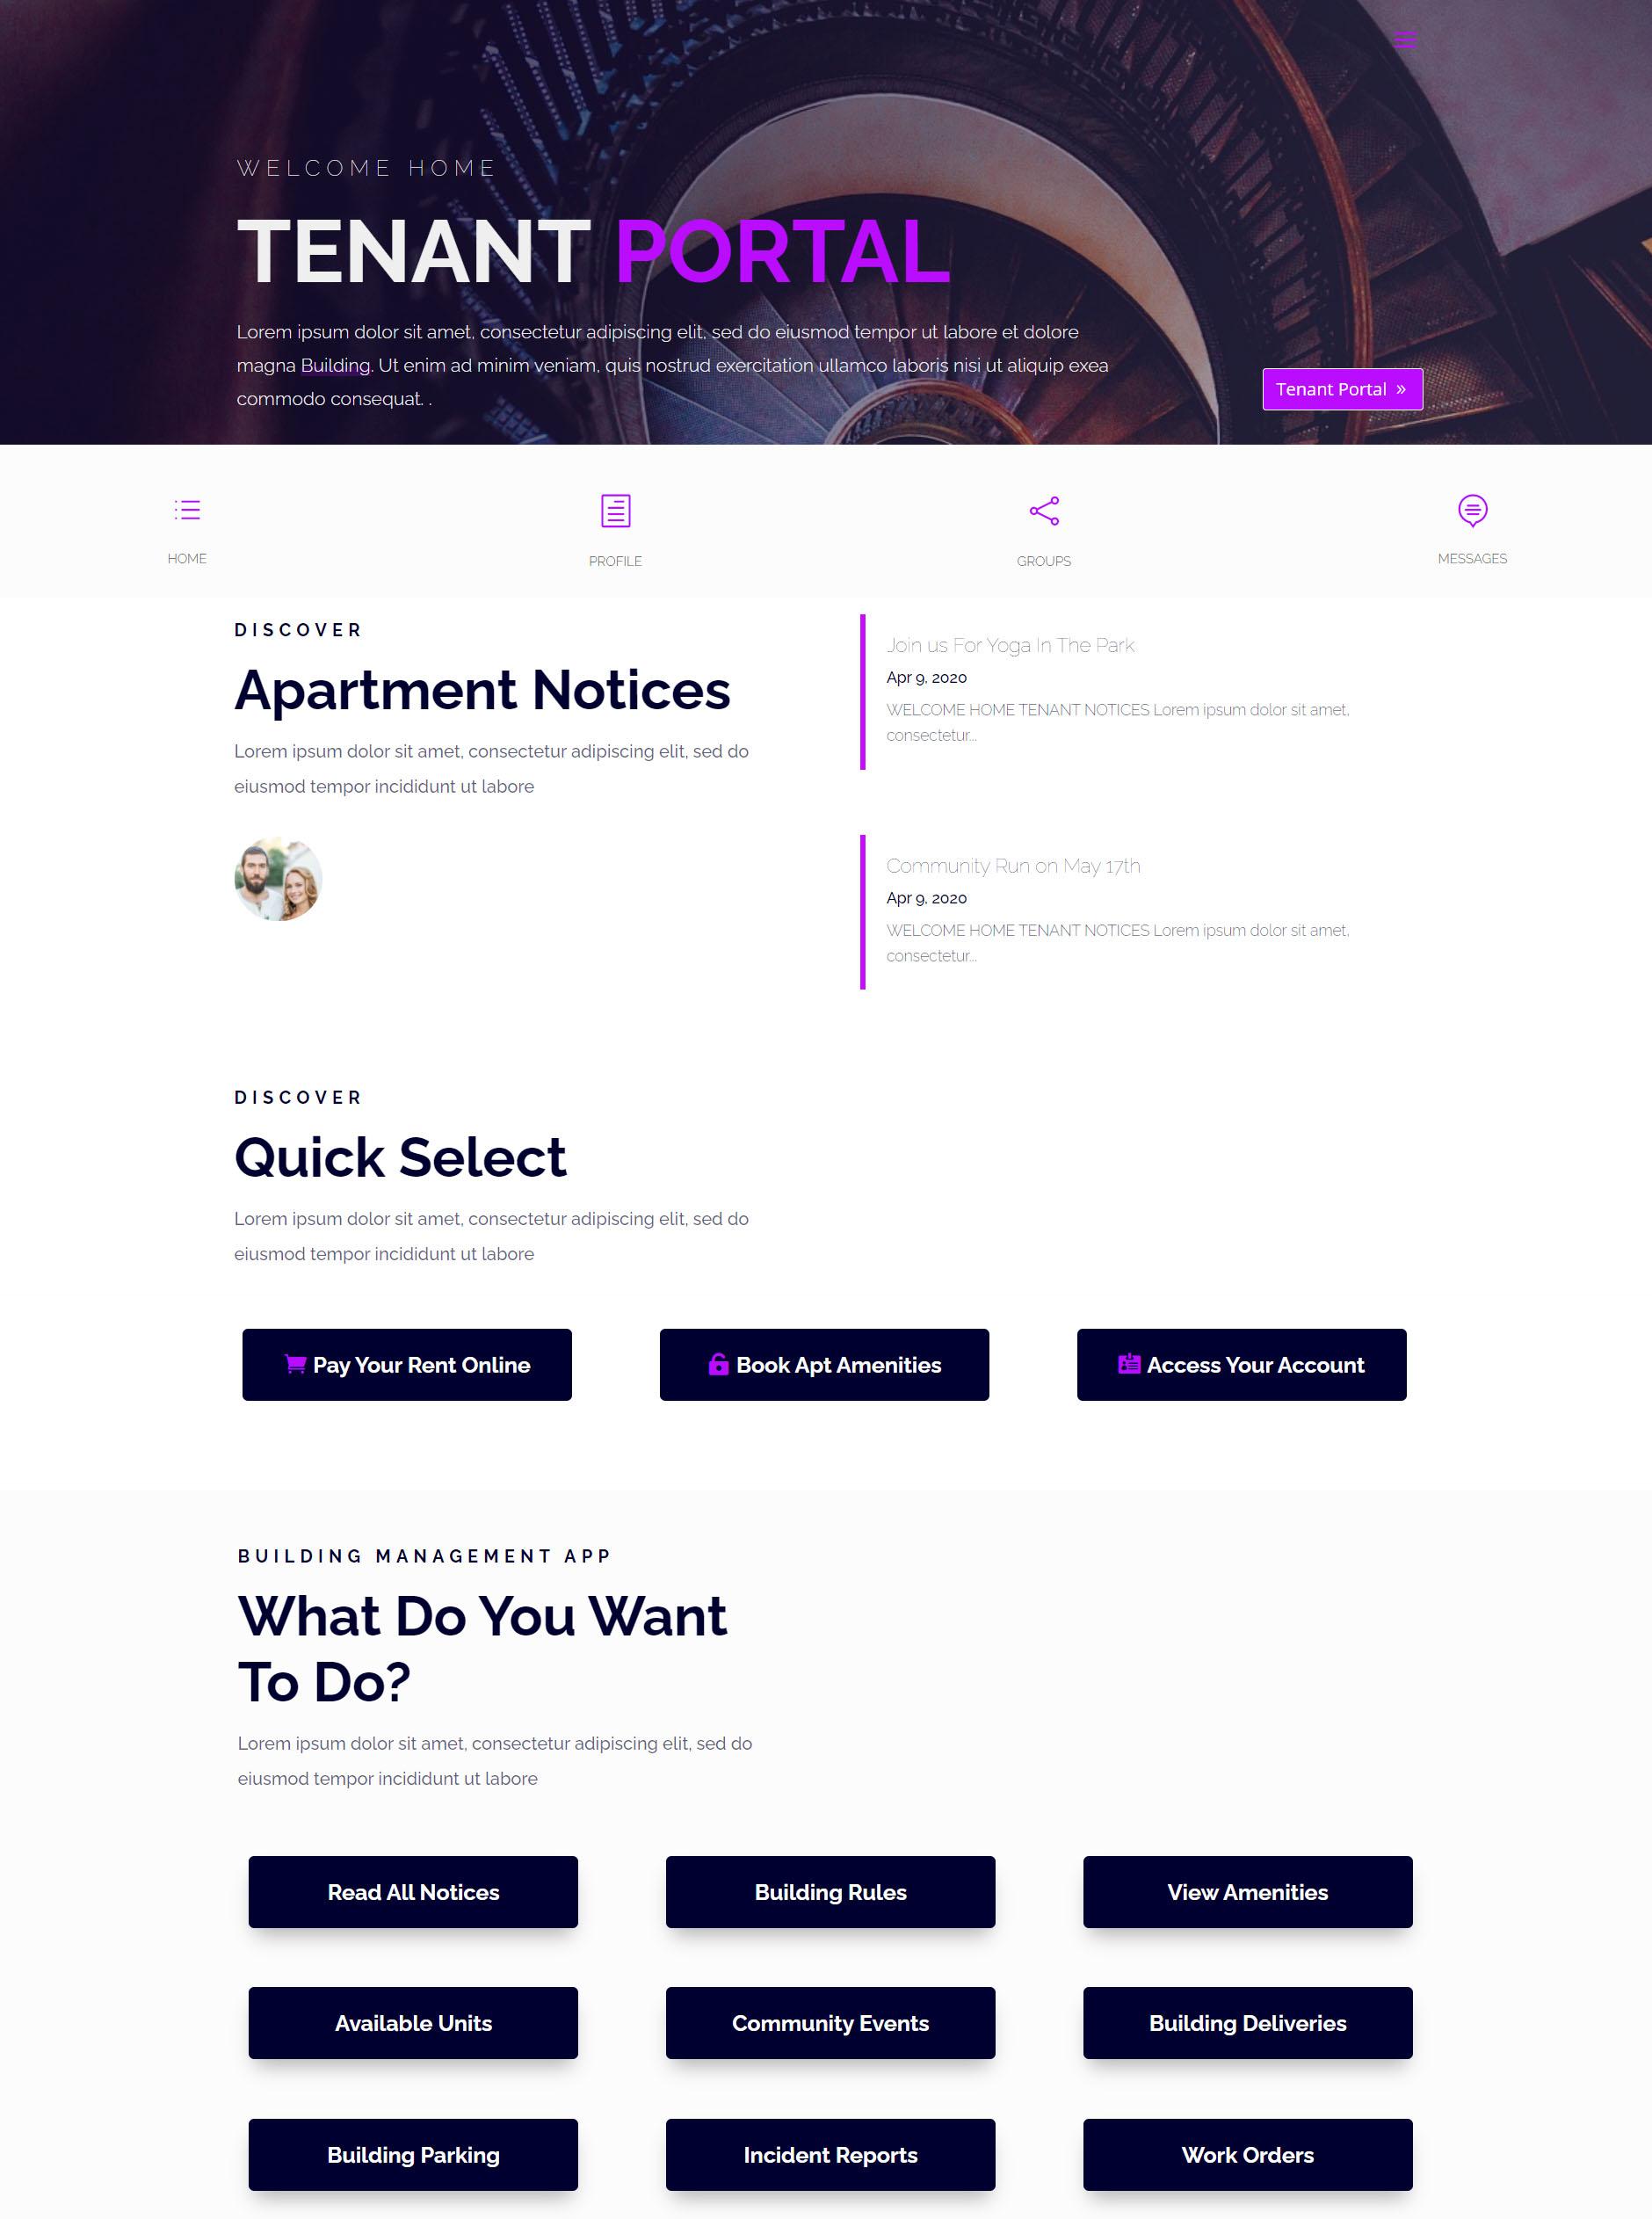 tenant portal page